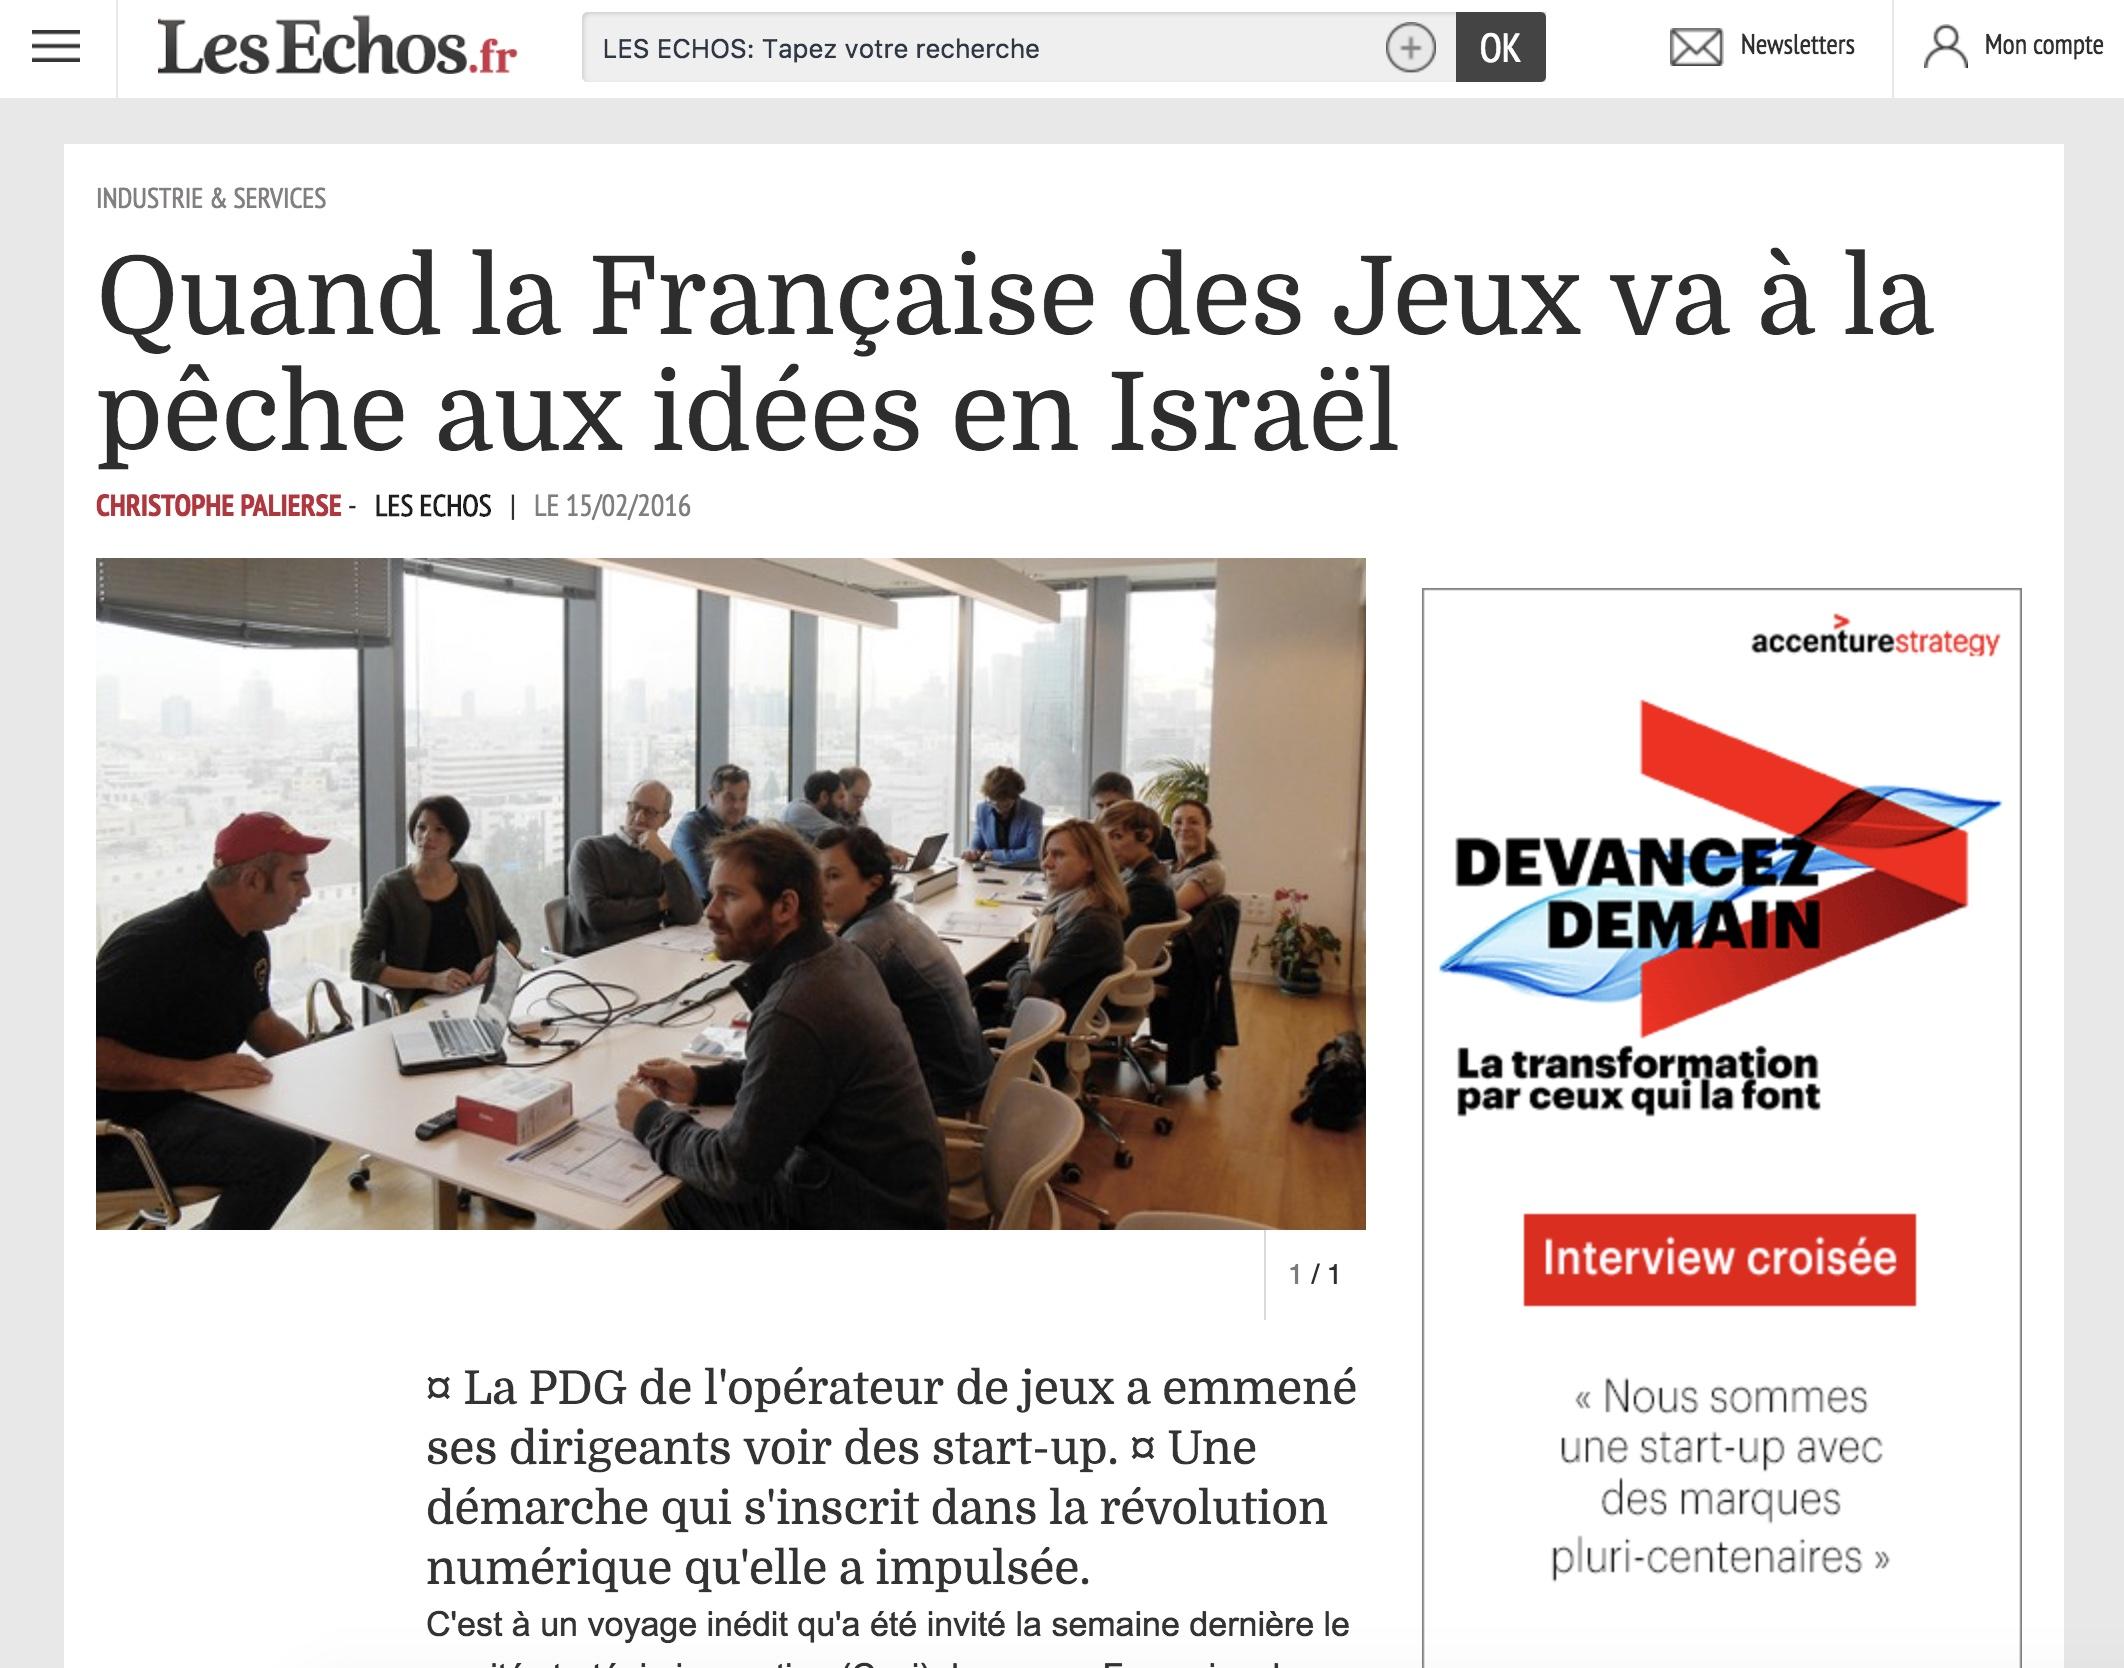 Les Echos – Quand la Française des Jeux va à la pêche aux idées en Israël